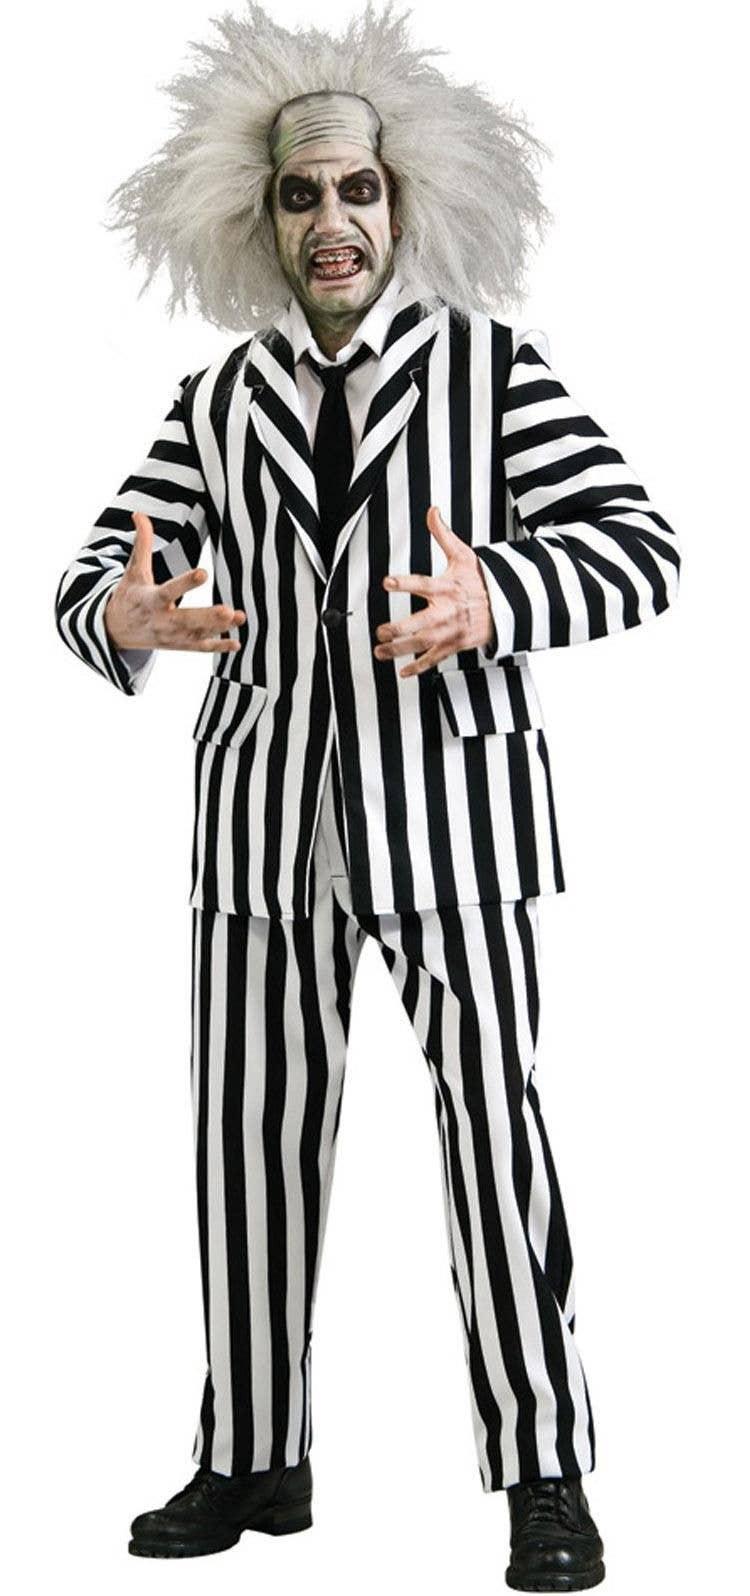 beetlejuice halloween costume | deluxe beetlejuice men's costume